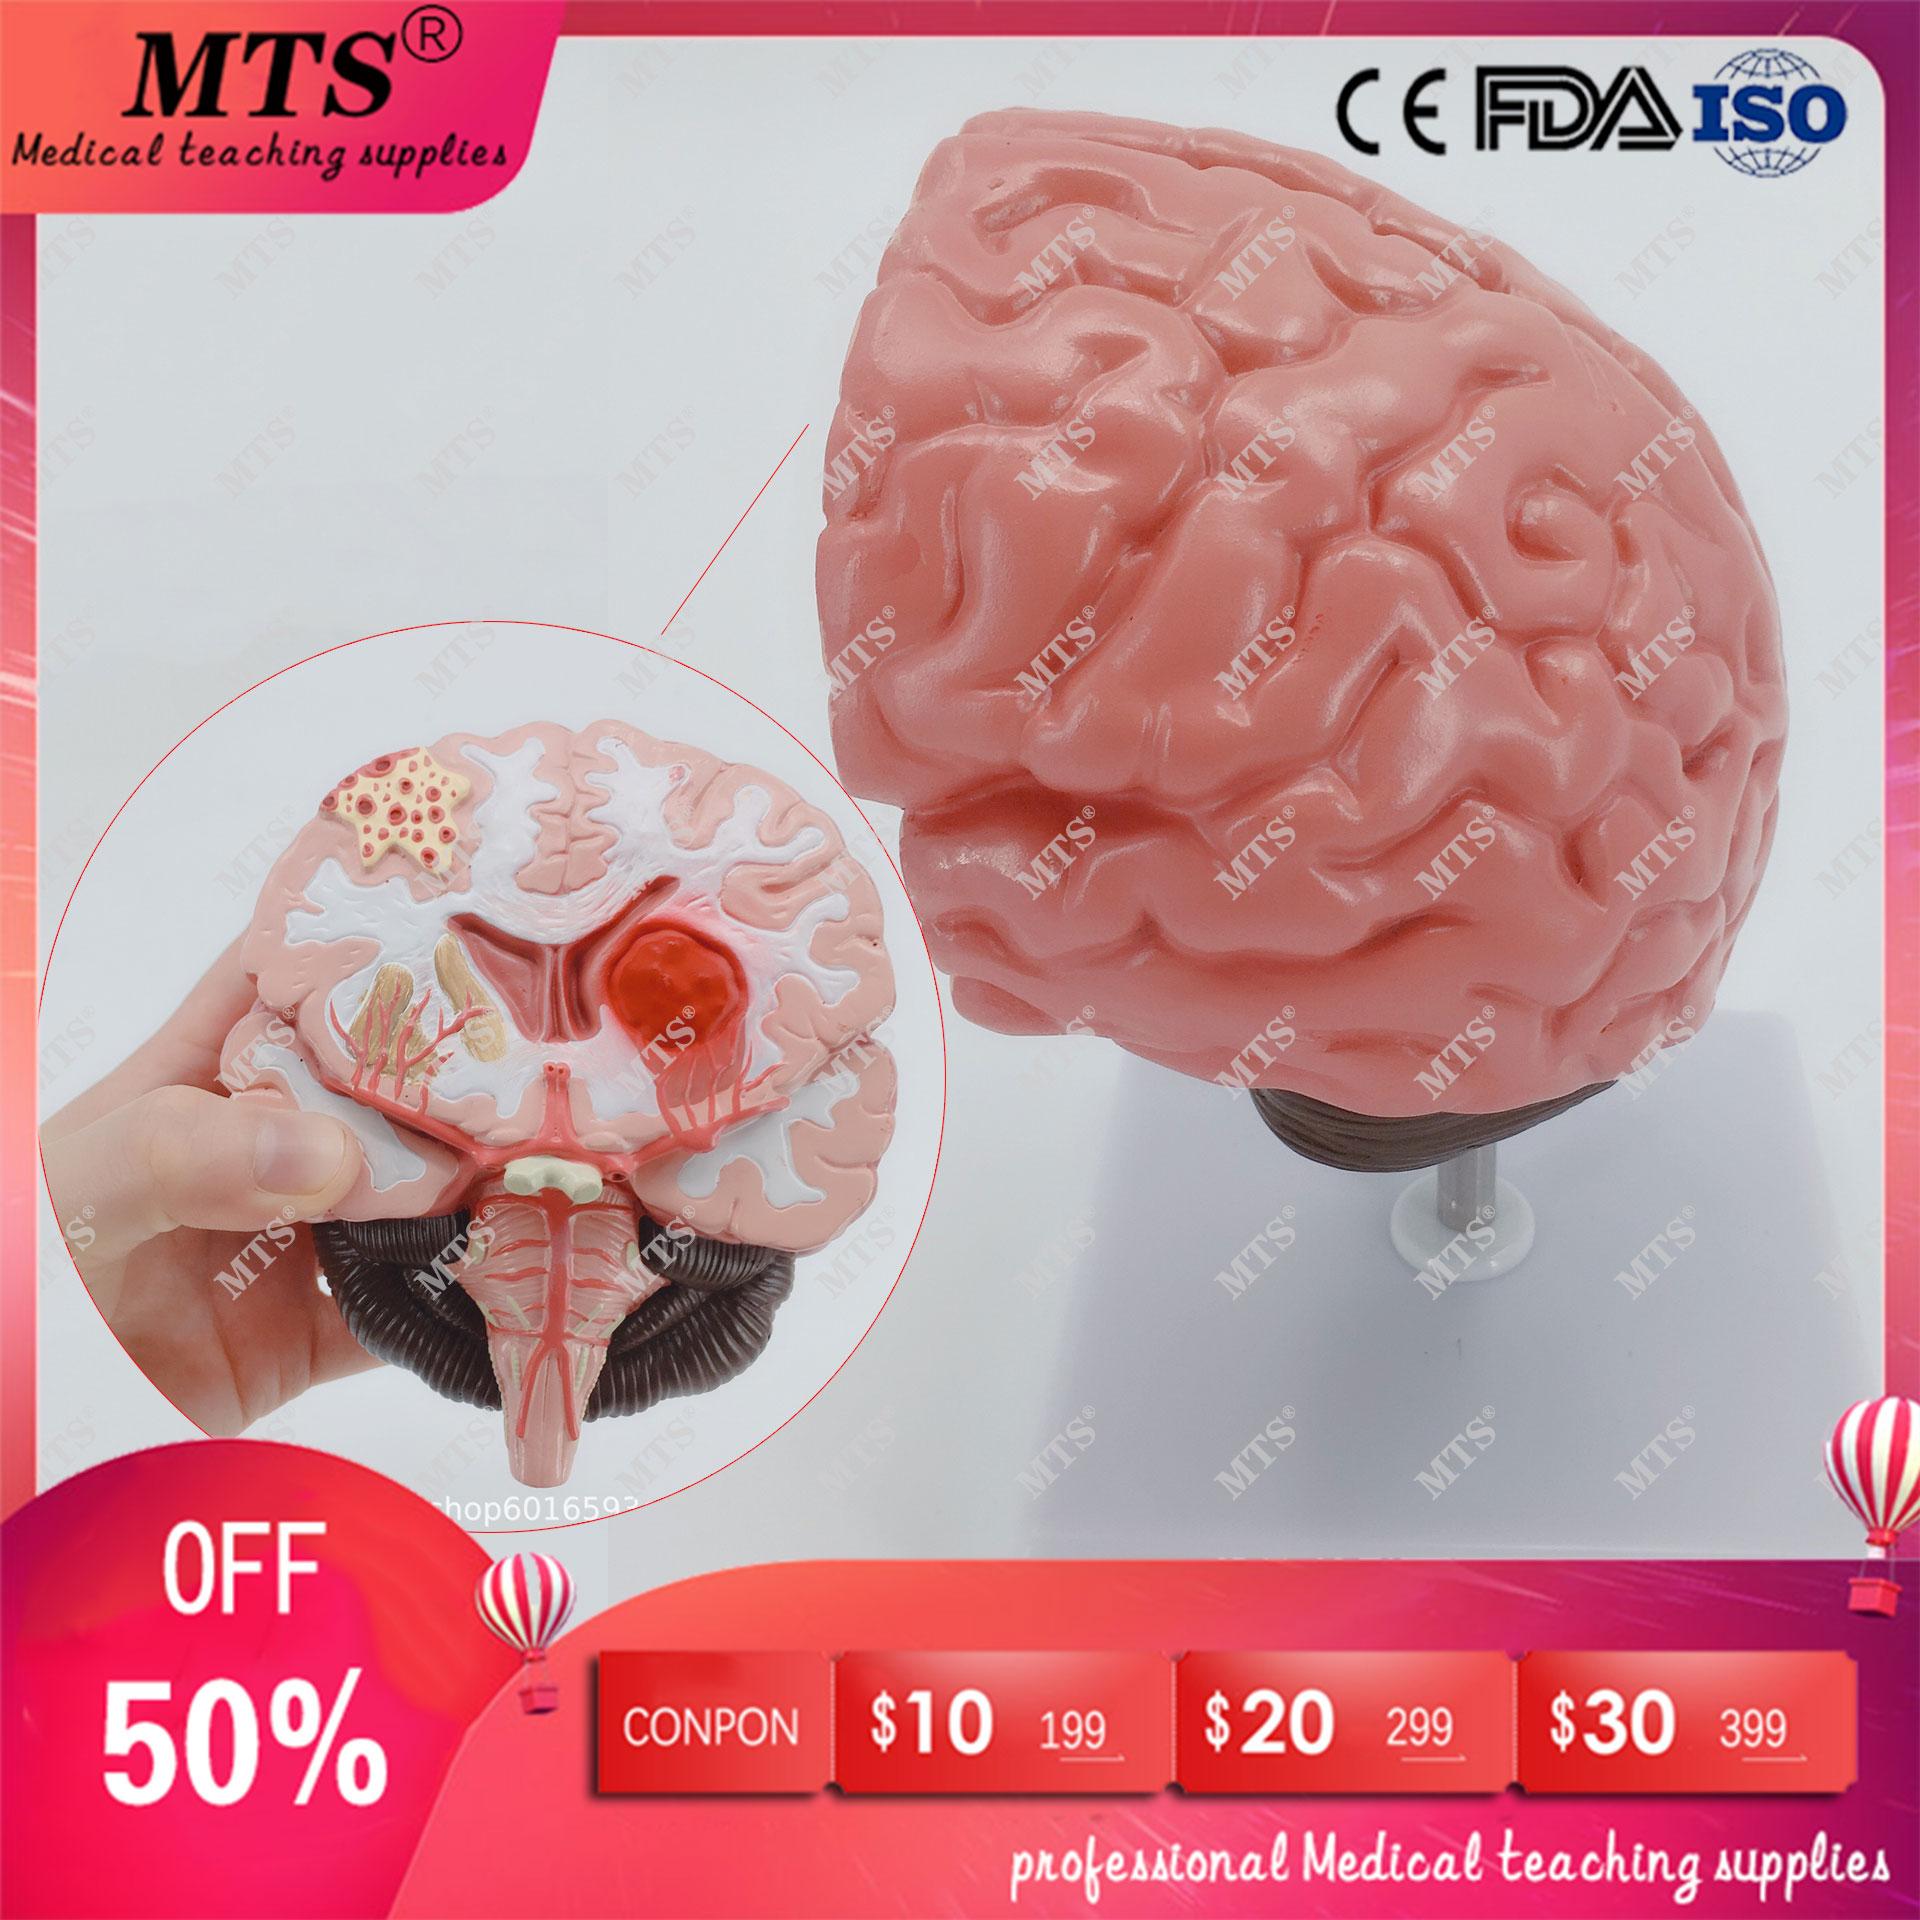 Modèle d'anatomie de la structure du cerveau modèle de pathologie des accidents cérébraux neurologie aide à l'enseignement médical pistolet traumatique crâne